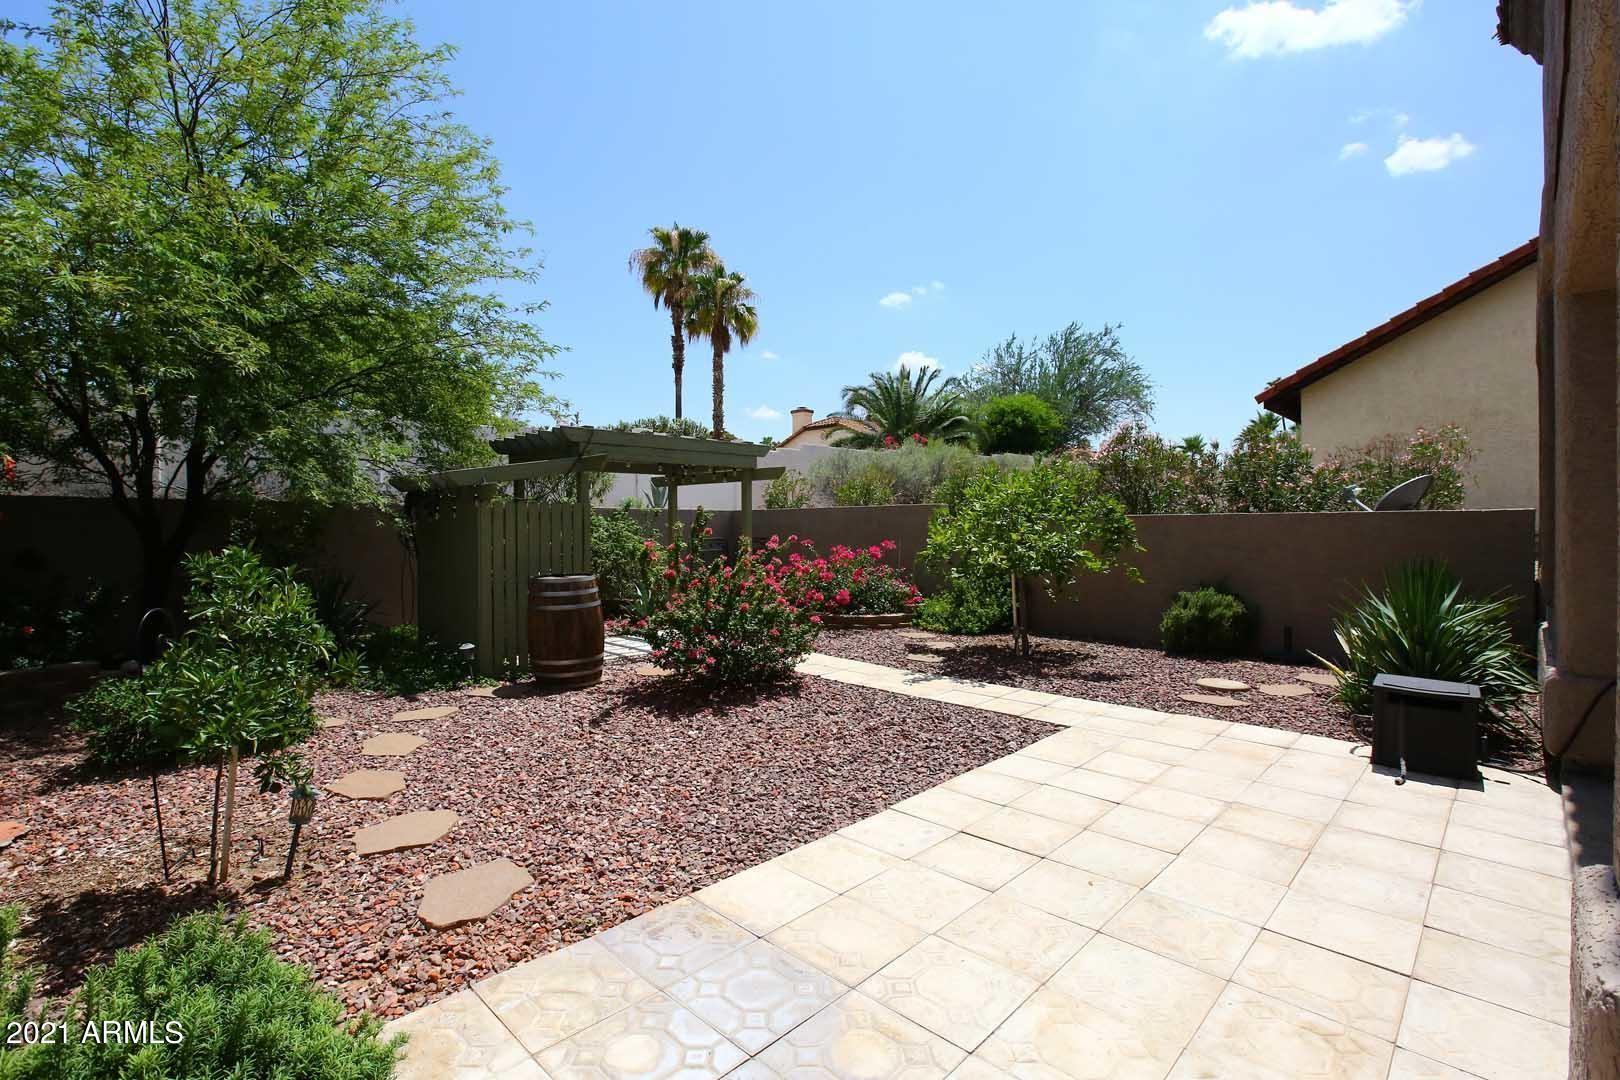 Photo of 14257 N FOUNTAIN HILLS Boulevard #B, Fountain Hills, AZ 85268 (MLS # 6270278)